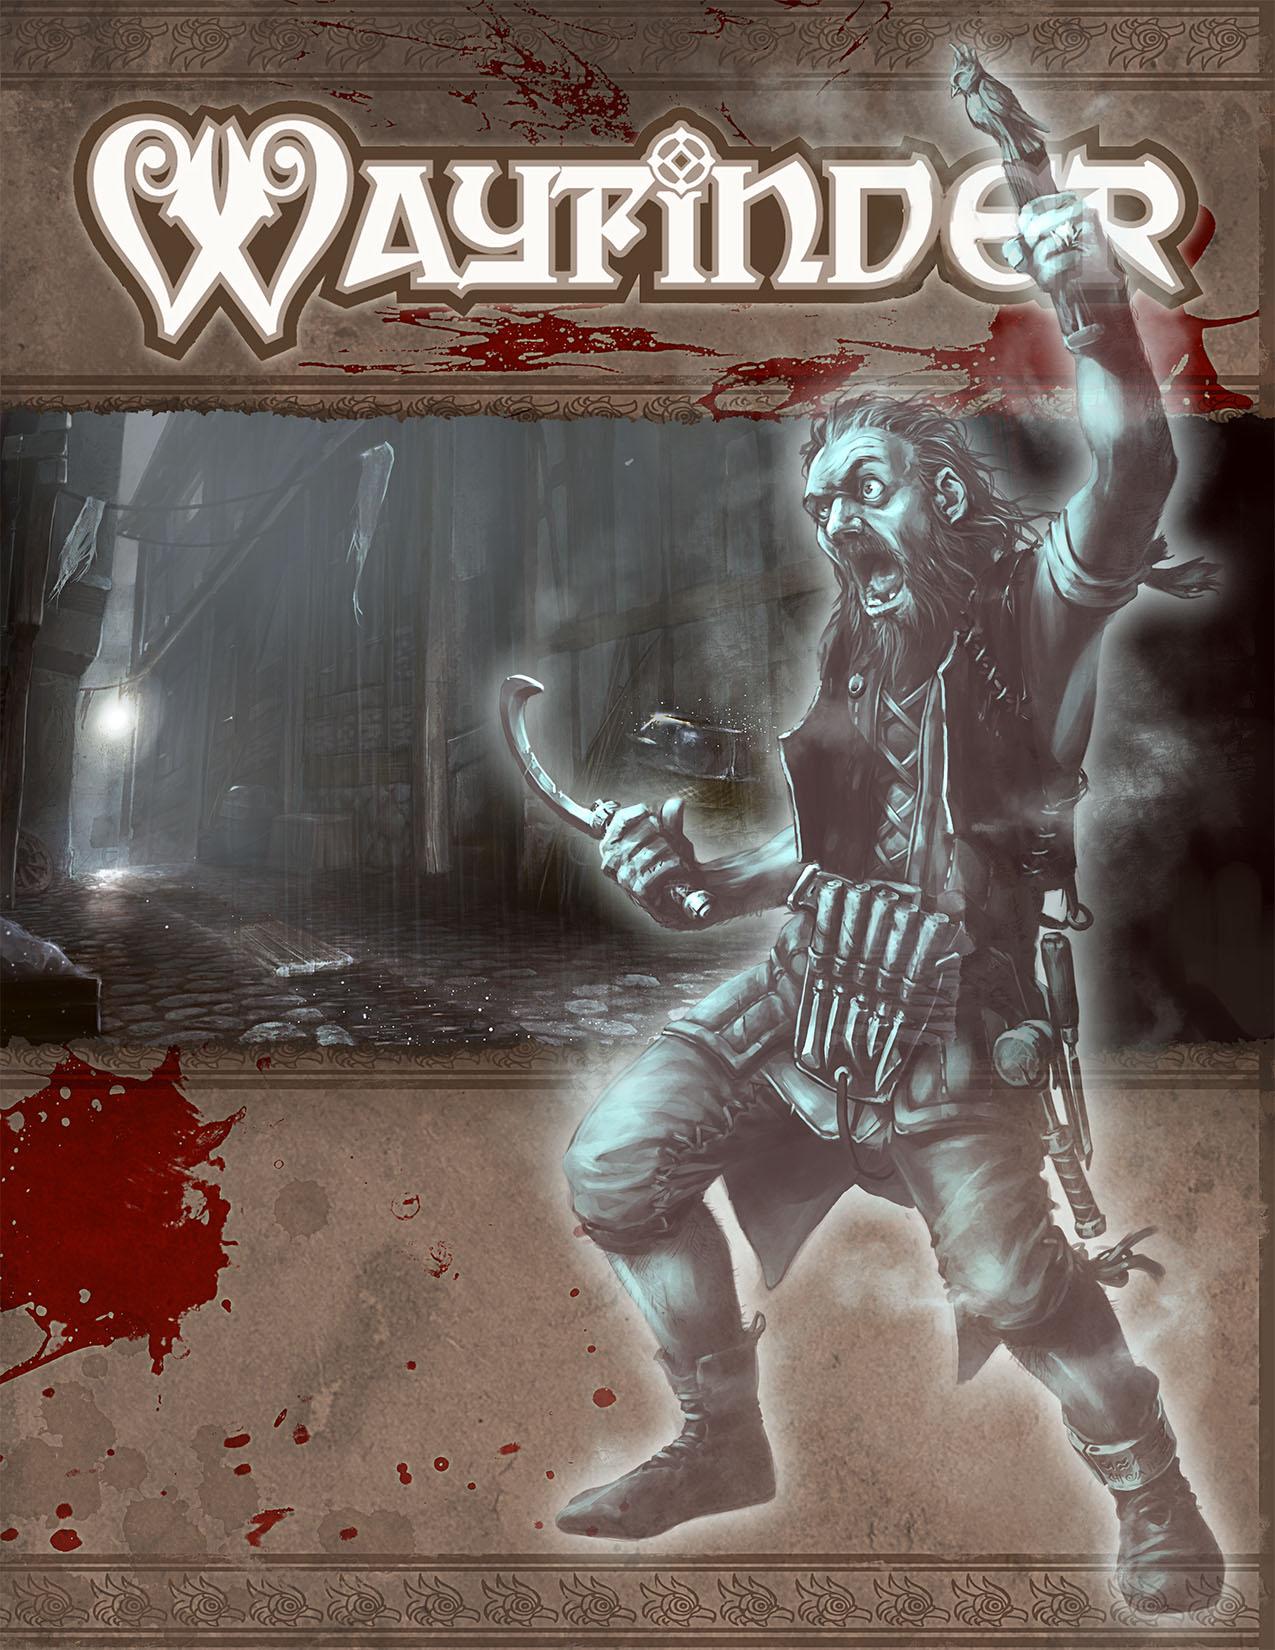 Wayfinder #7 - Cover Illustration by Ruloc